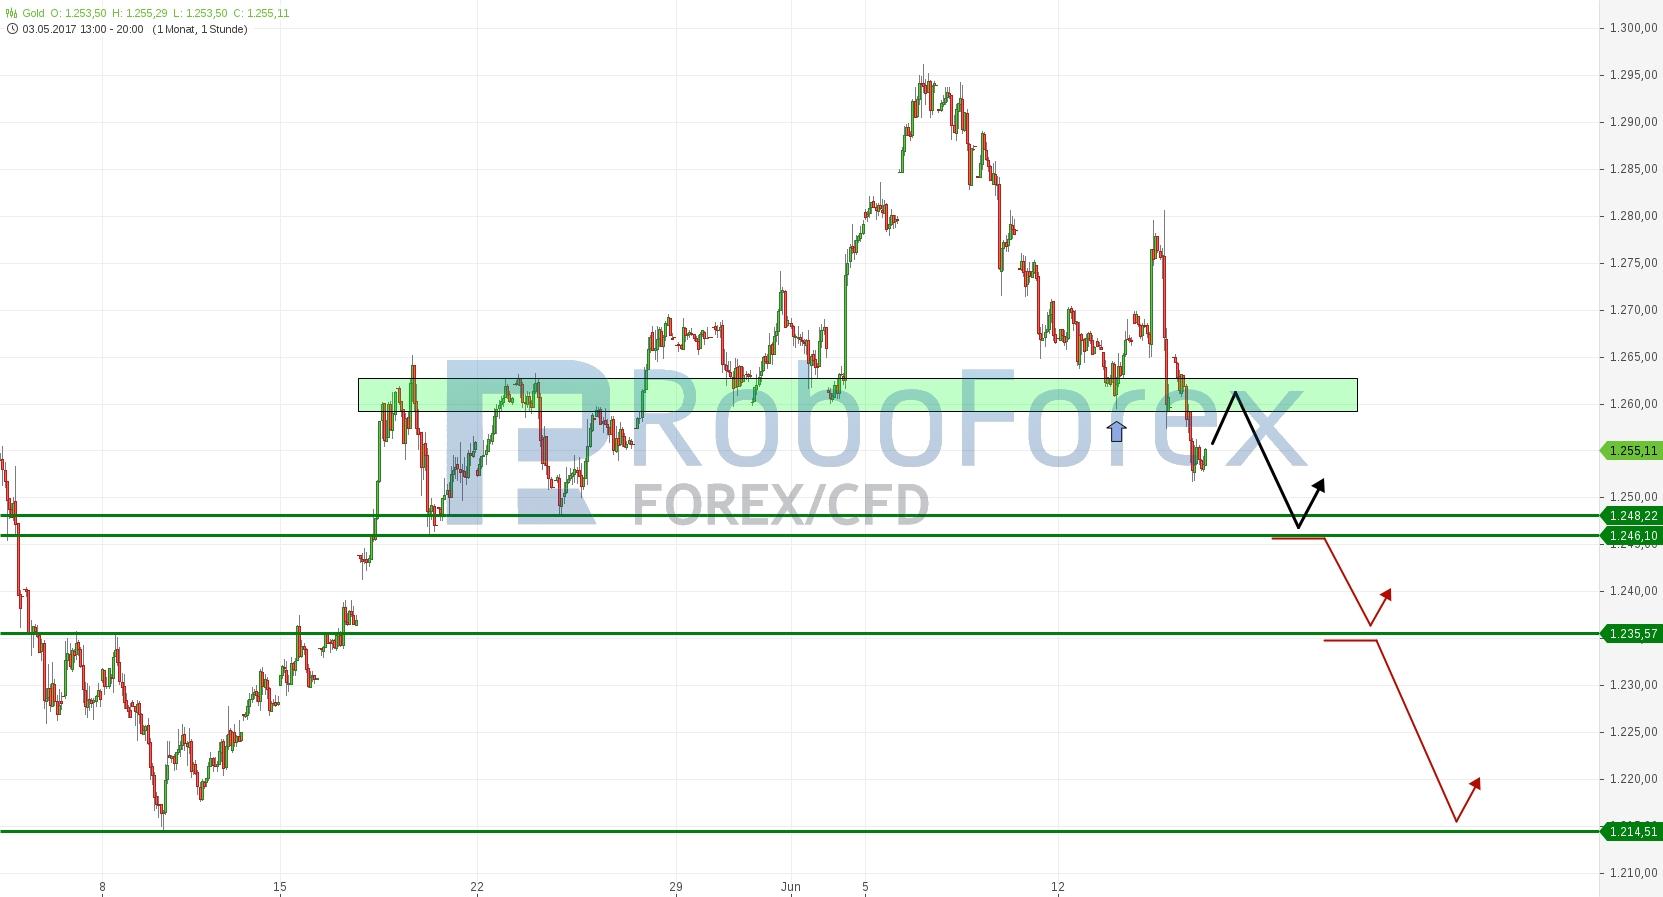 chart-15062017-2029-gold-roboforex.jpg